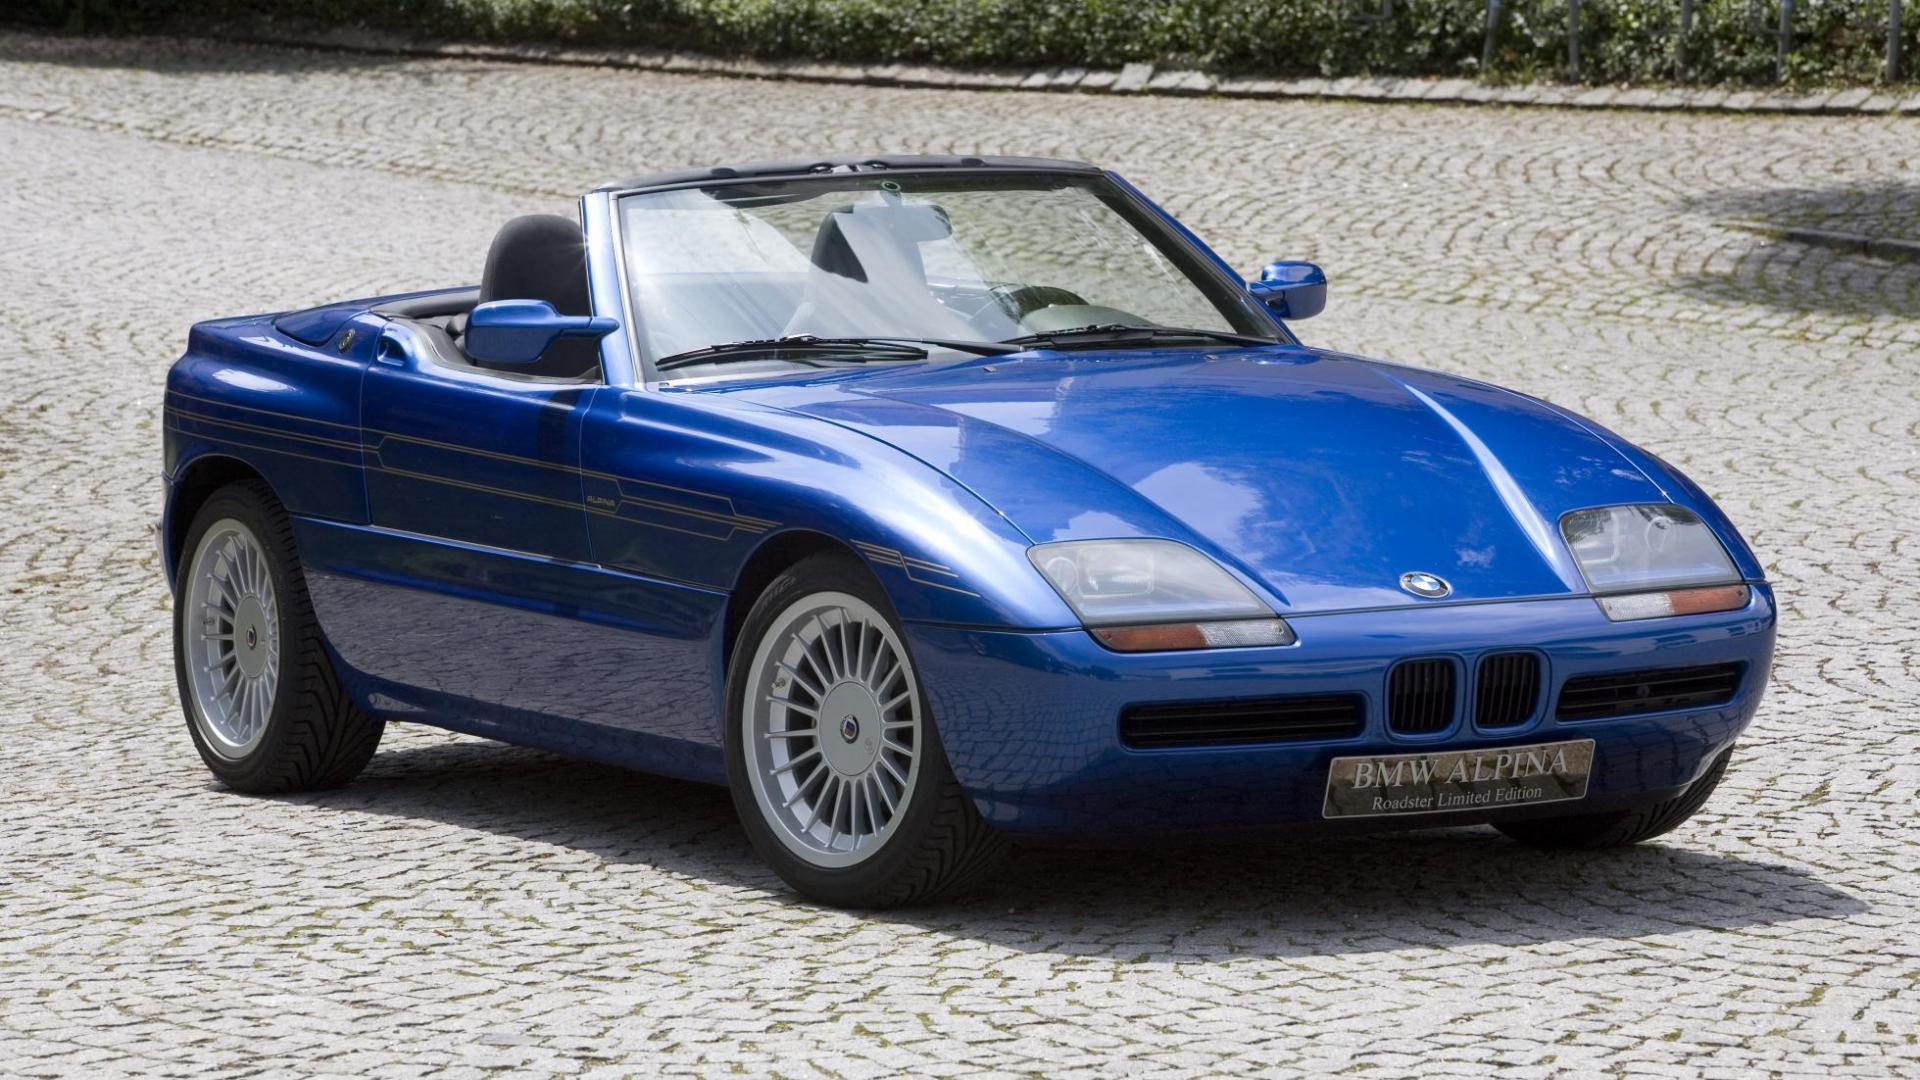 BMW Z1 roadster alpina